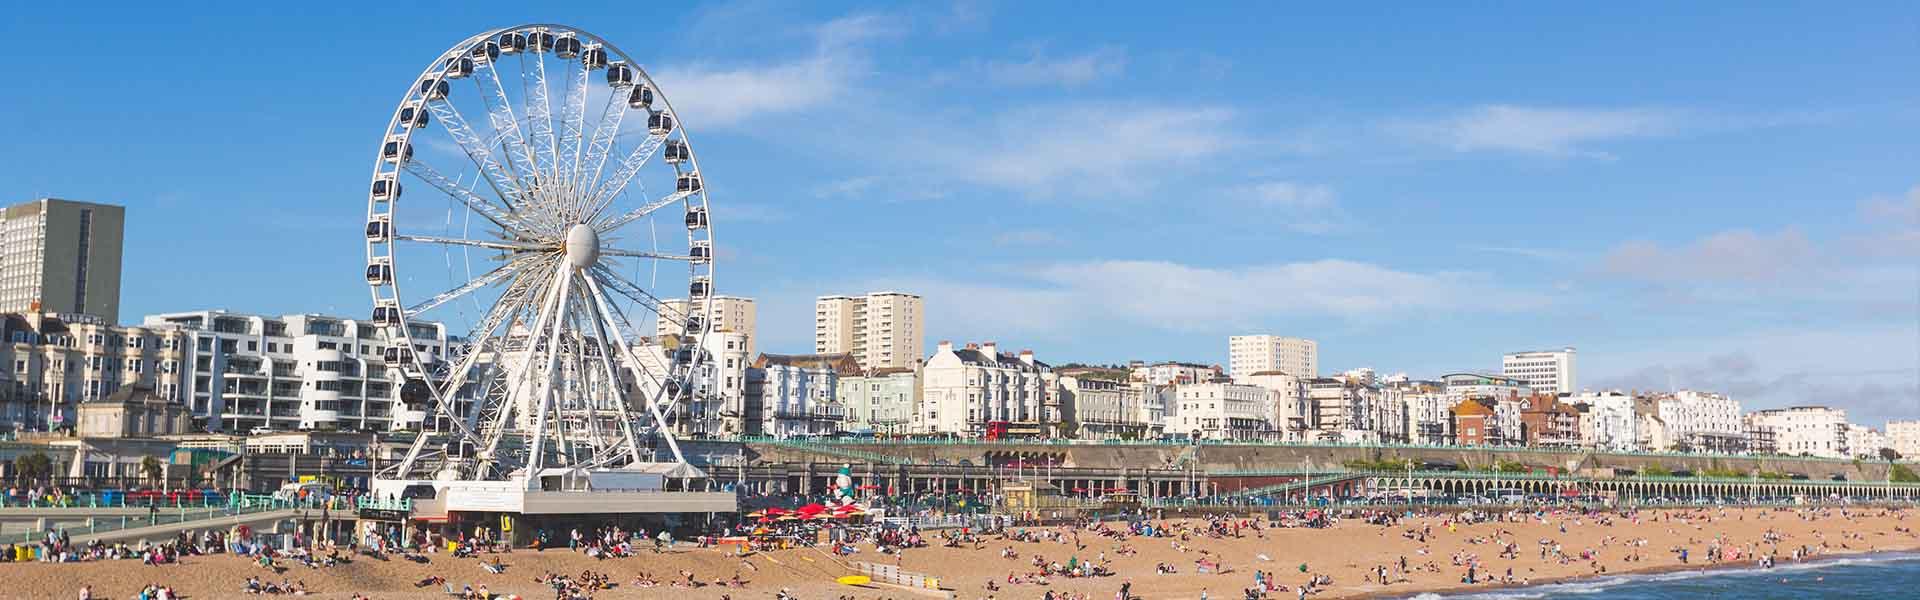 pest control & eradication Brighton